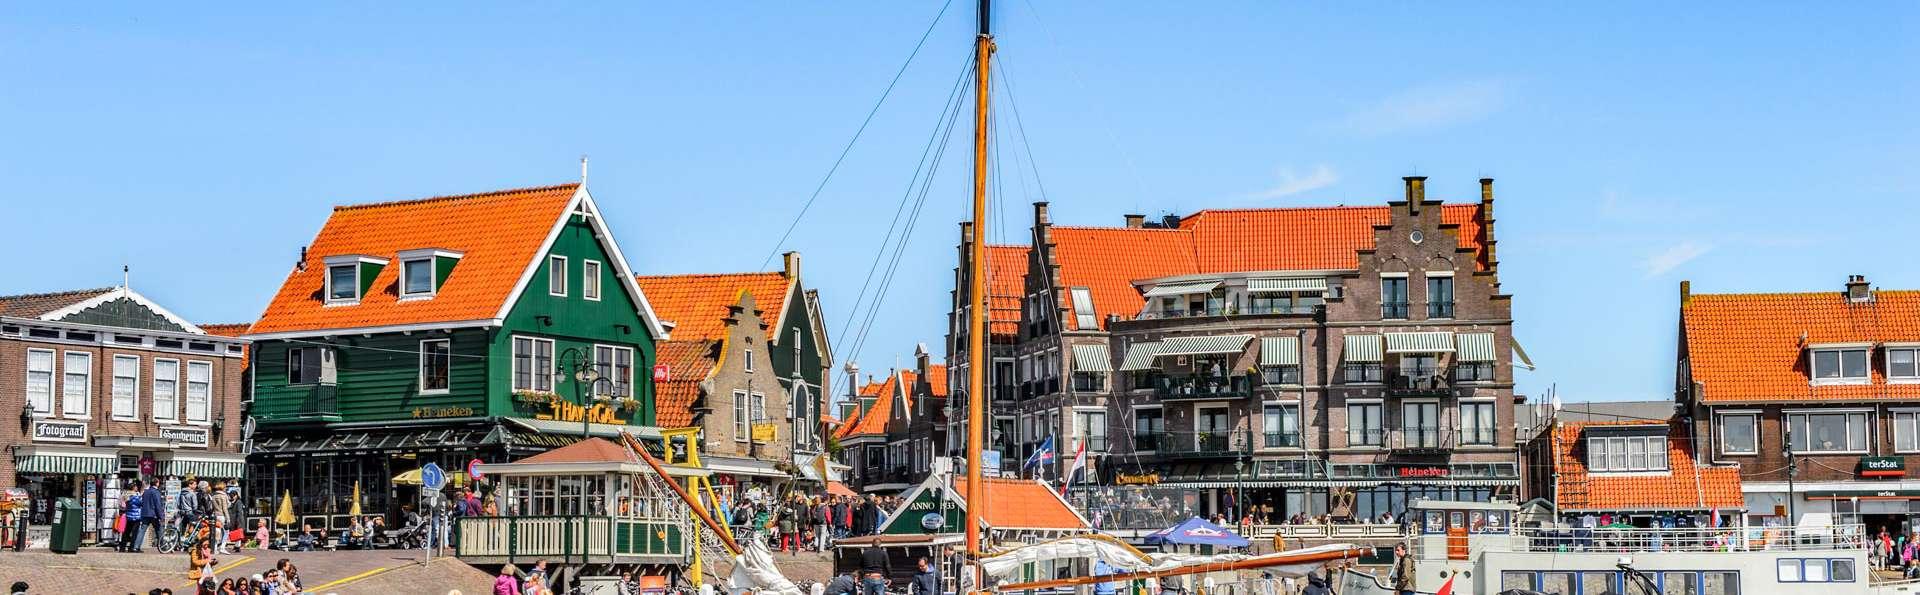 Escapade de rêve dans la ville la plus charmante des Pays-Bas : Volendam